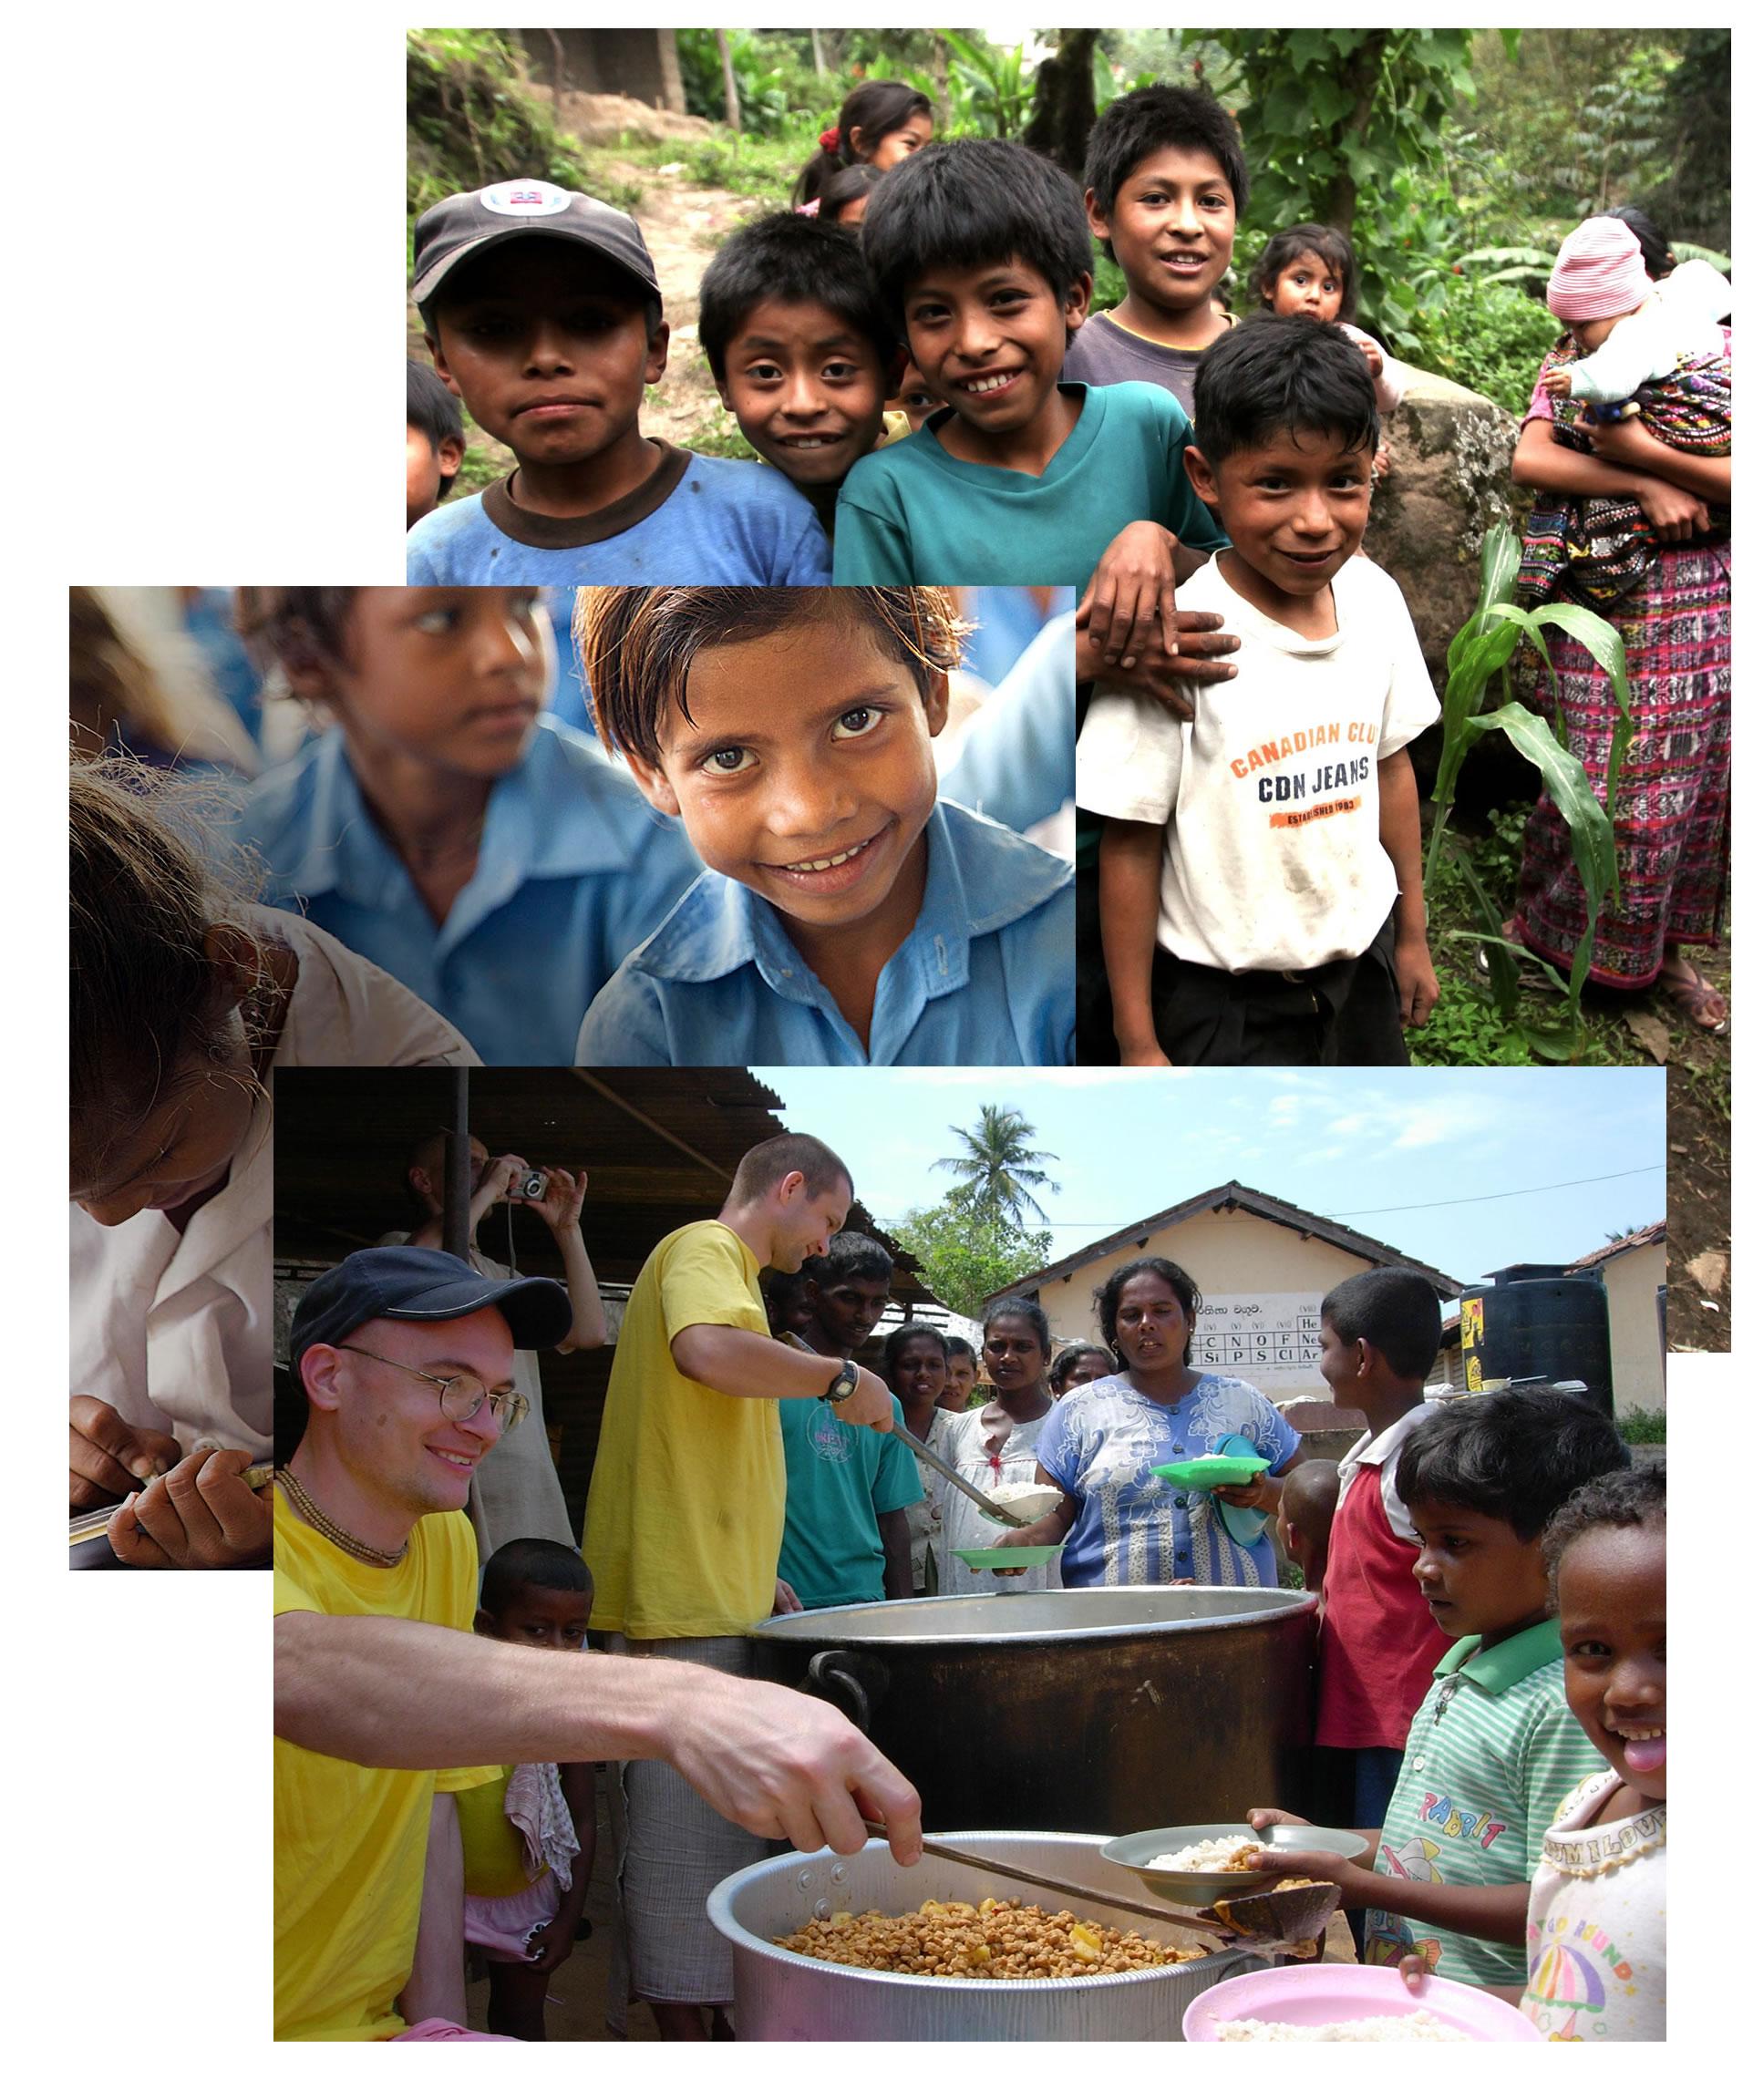 donate-global-citizen-future-home